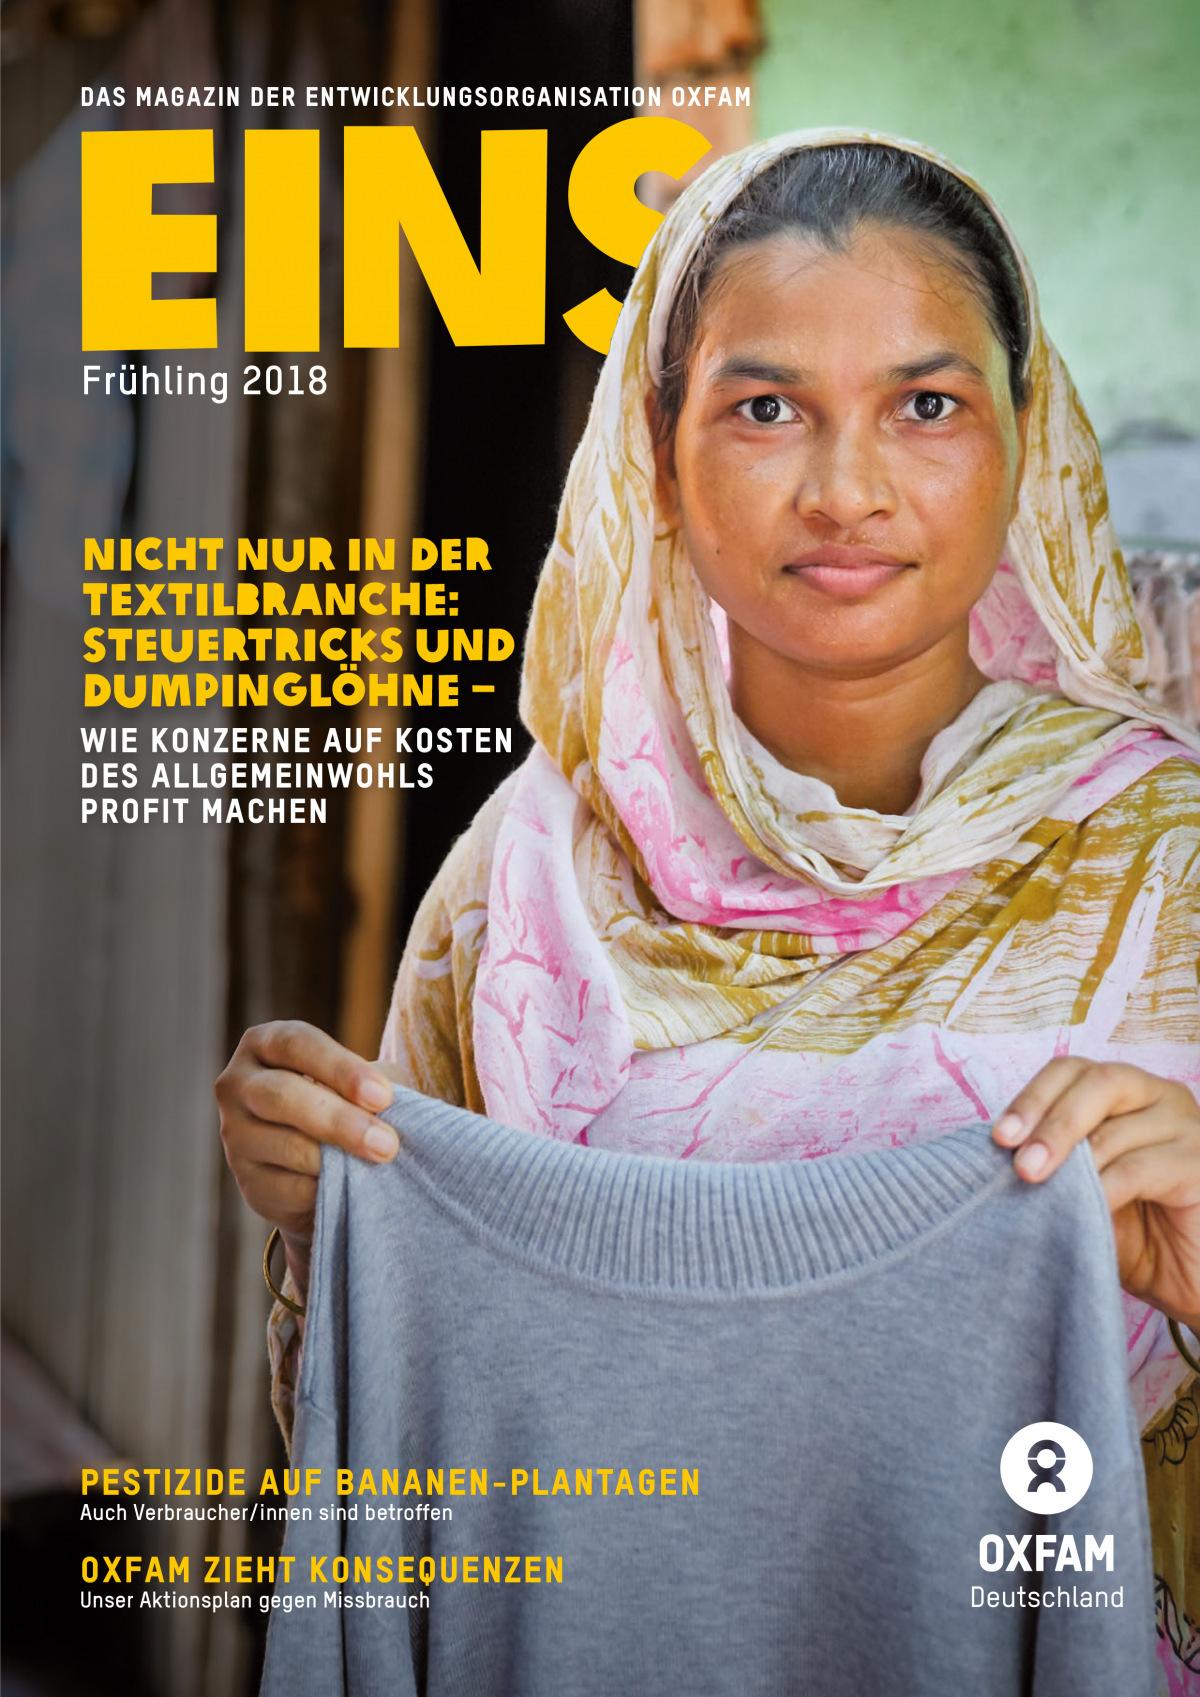 Titelbild vom Oxfam-Magazin EINS (Frühling 2018)